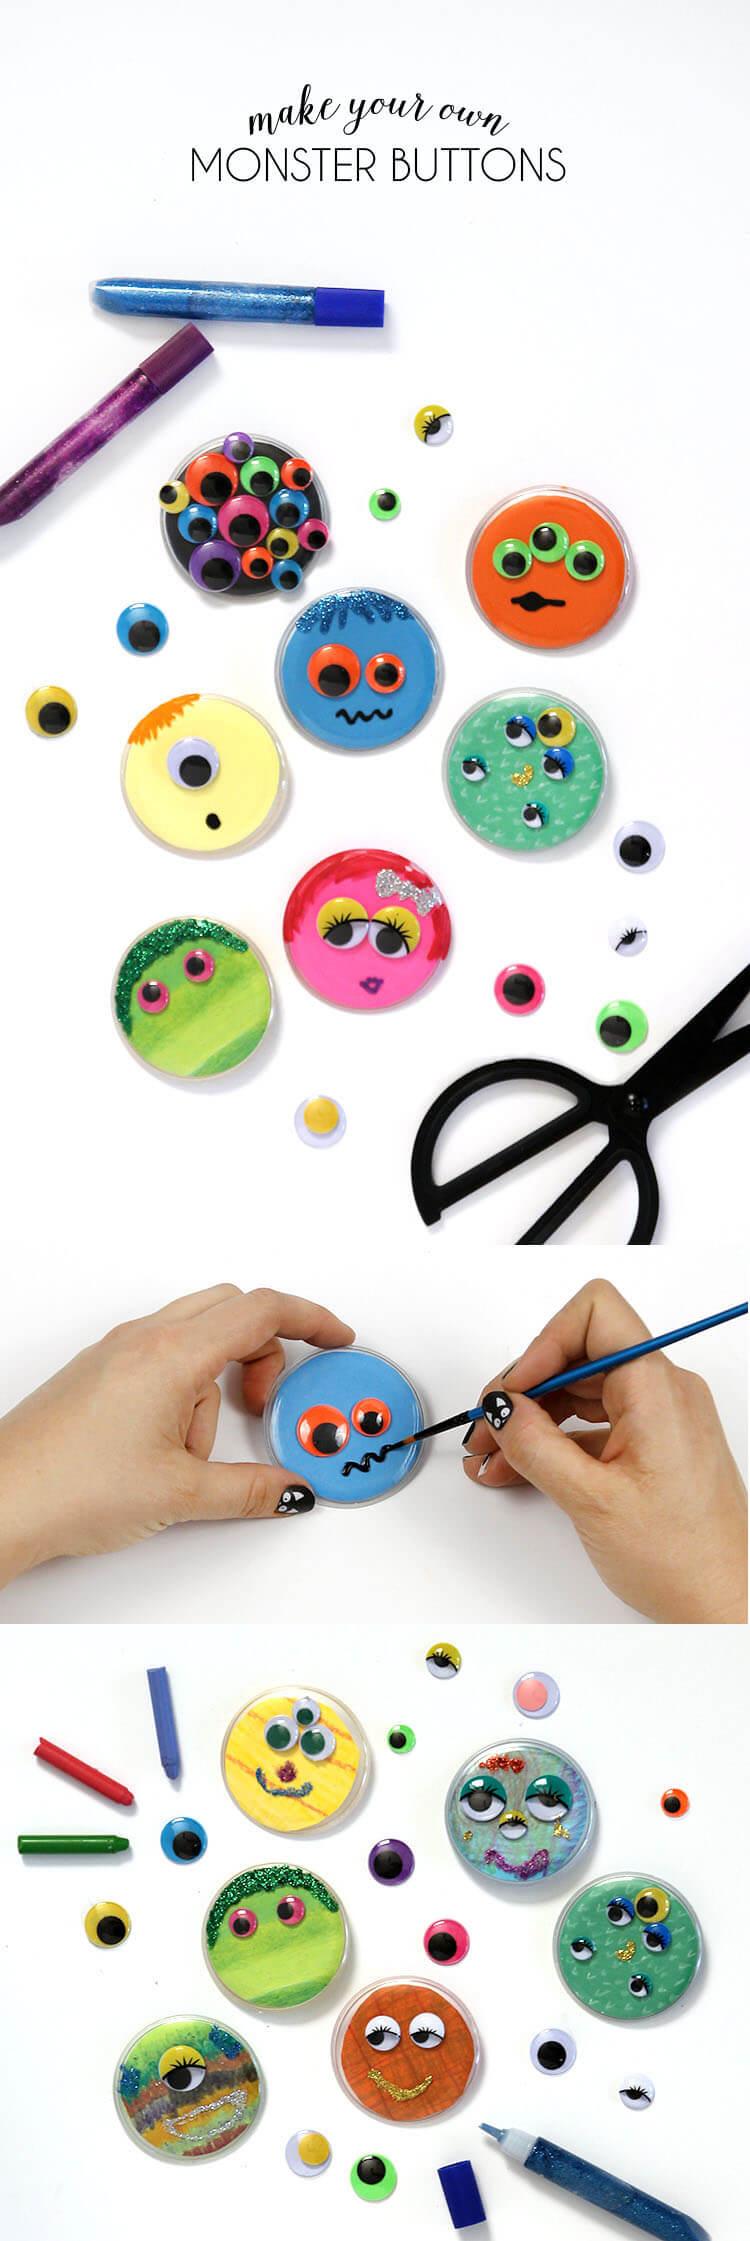 Monster Buttons - such a cute kids Halloween craft idea